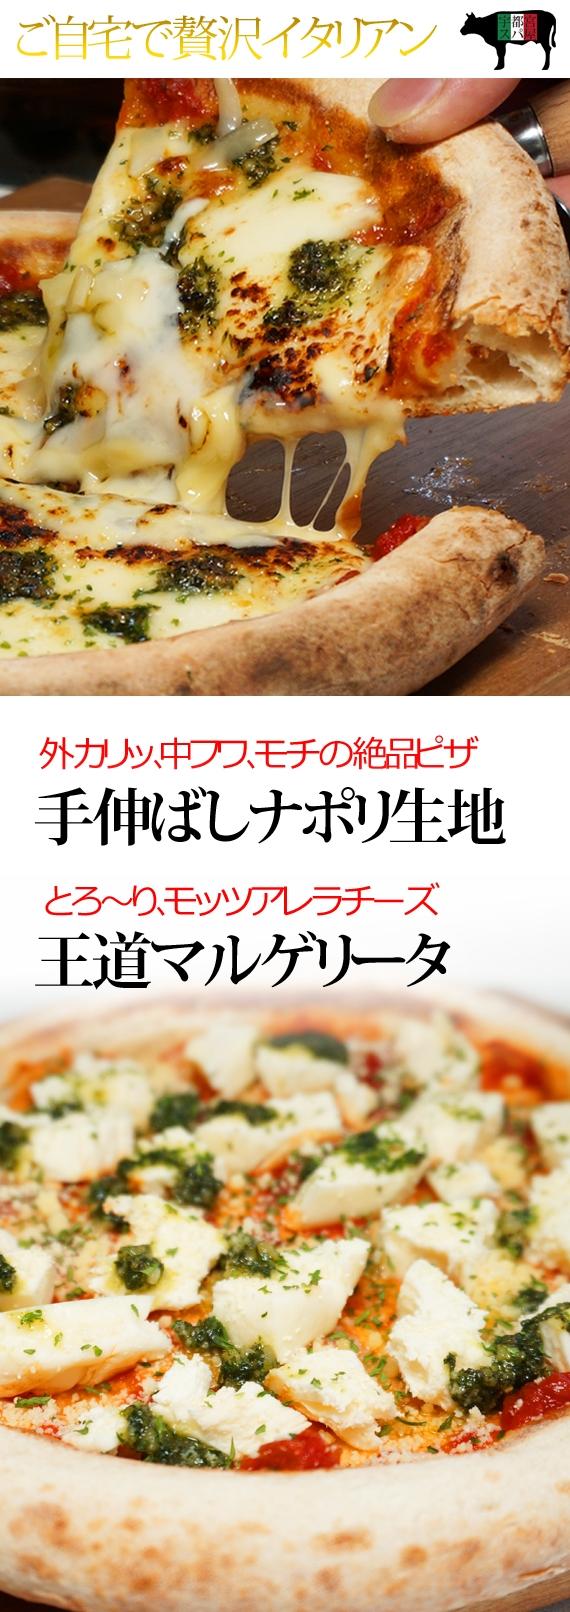 【手伸ばしナポリ生地】とろ〜りモッツアレラチーズの王道マルゲリータ